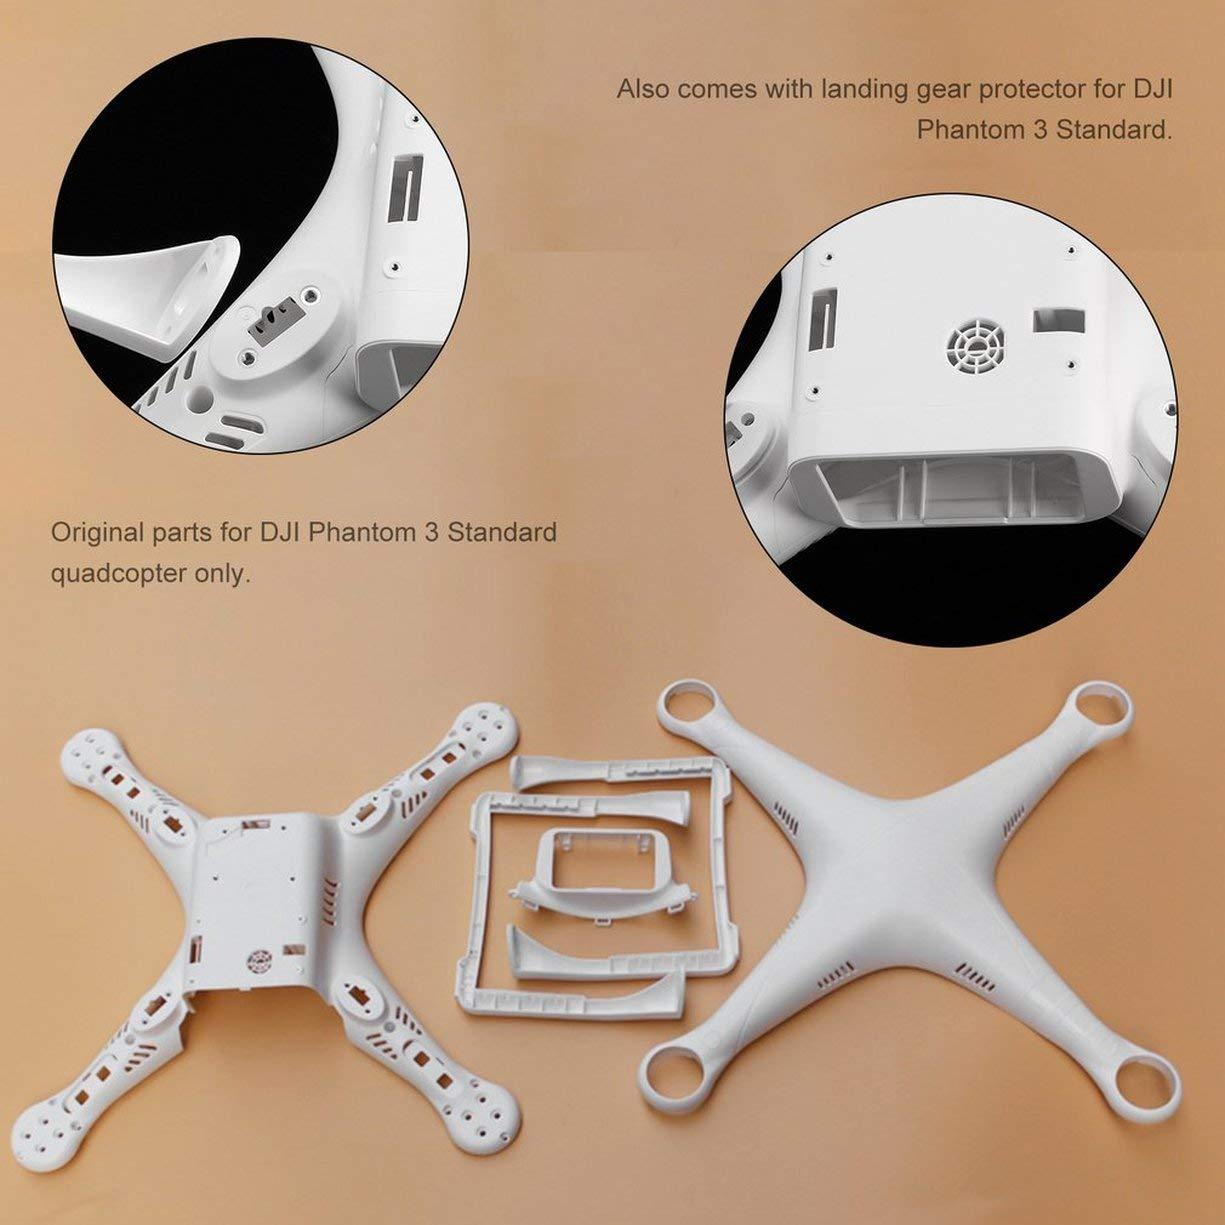 acheter un drone au maroc